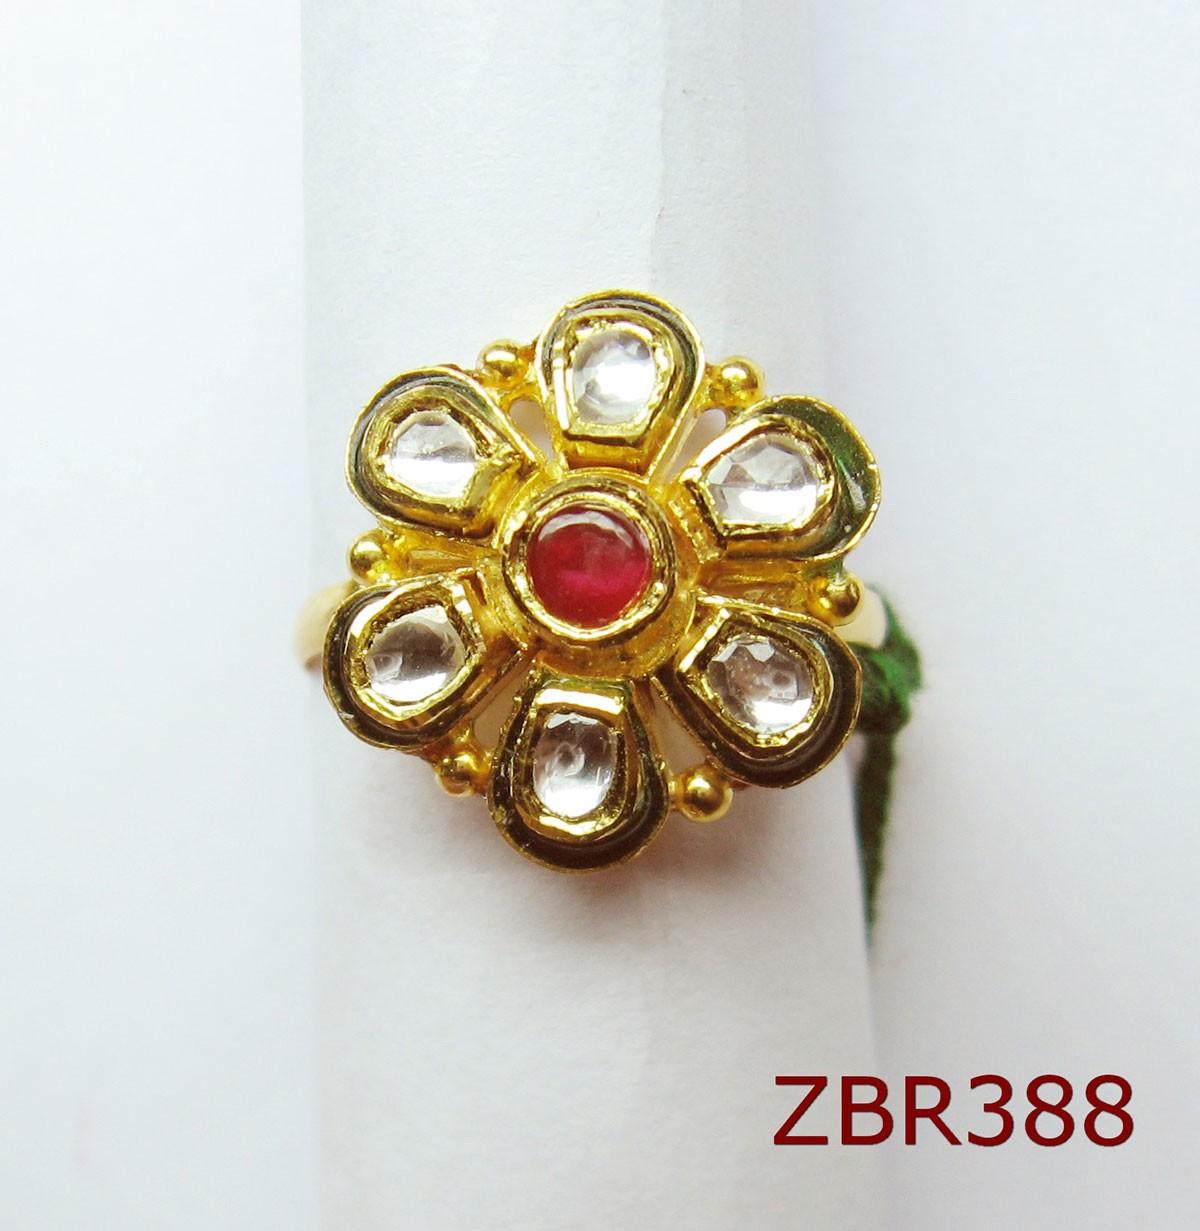 ZBR388